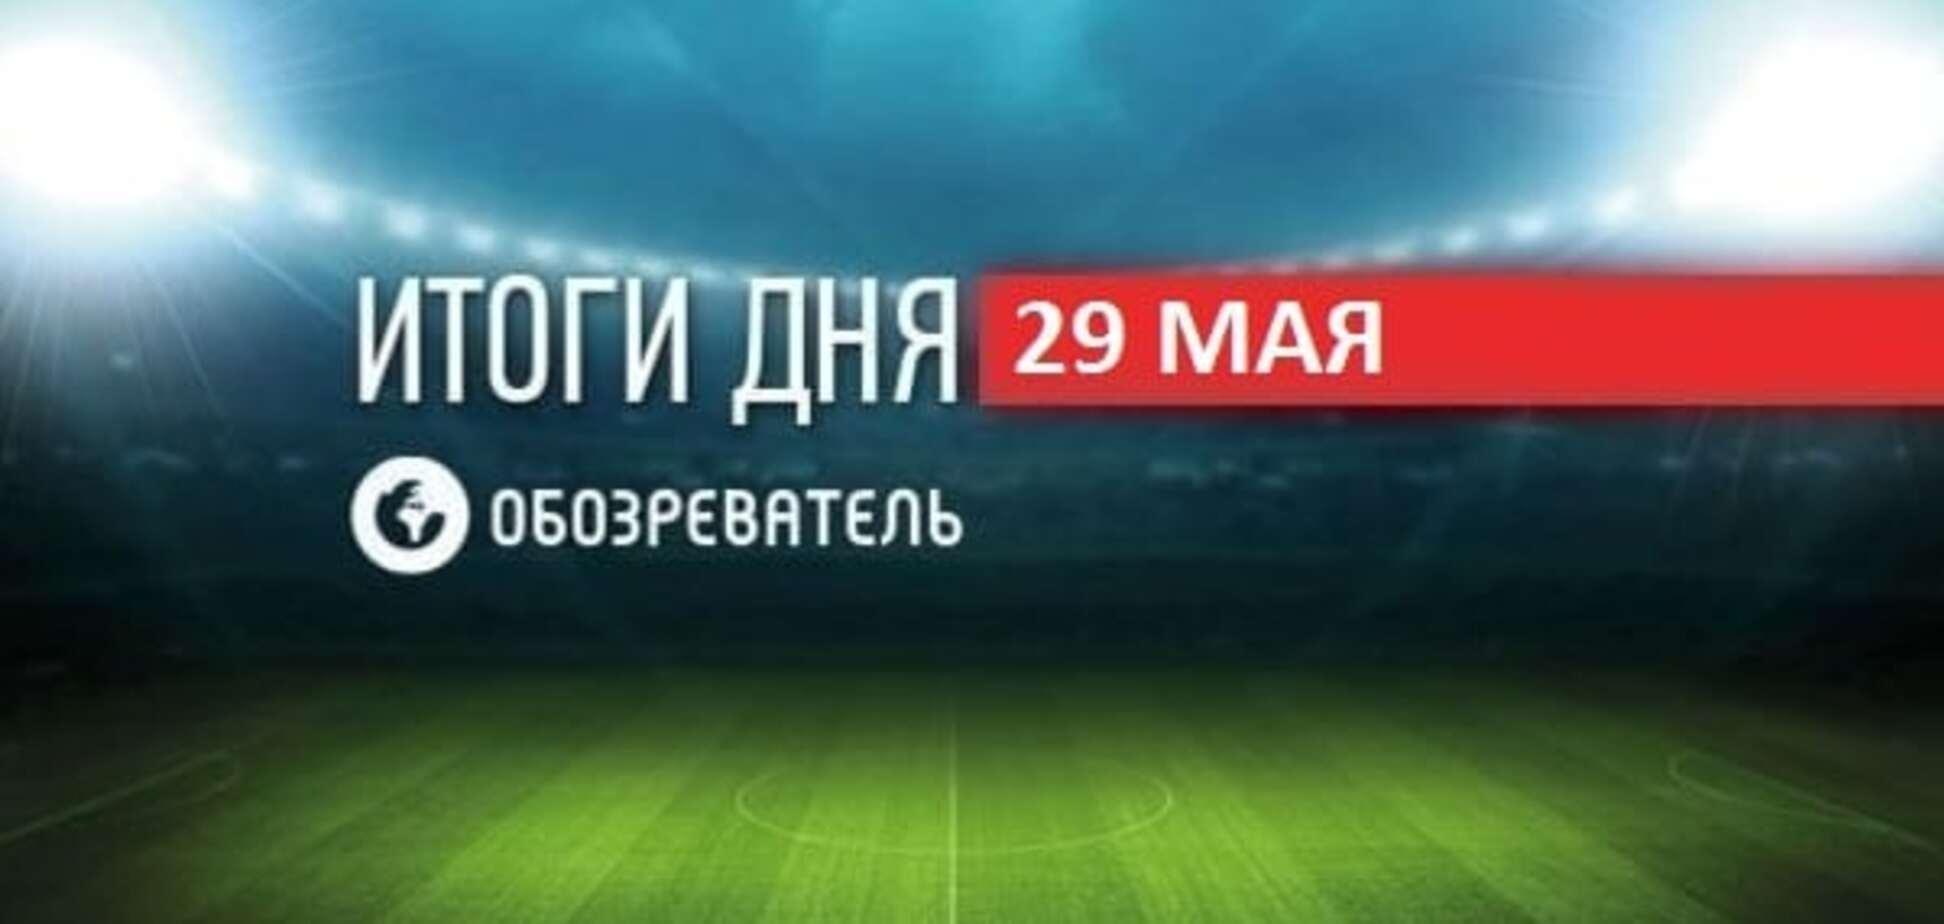 Эффектная победа Украины в Италии. Спортивные итоги 29 мая